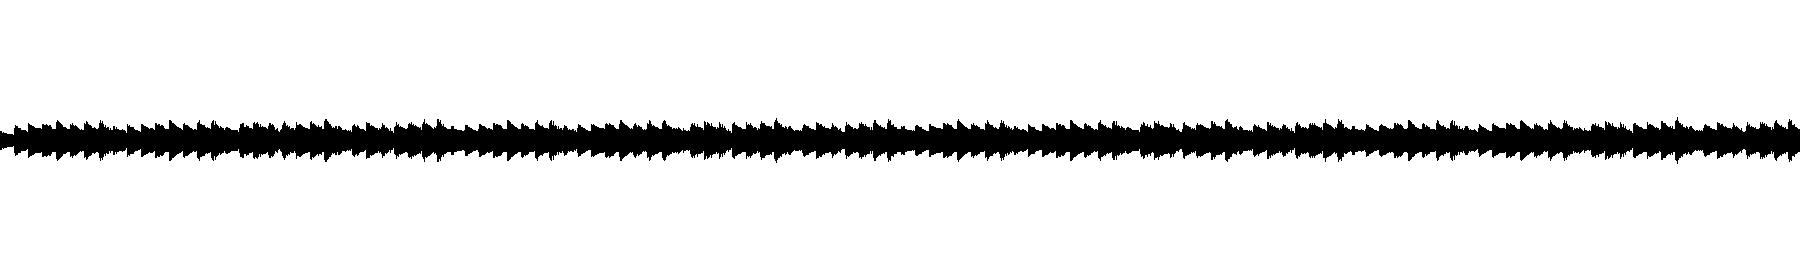 dreamstate melody   abmaj   132bpm